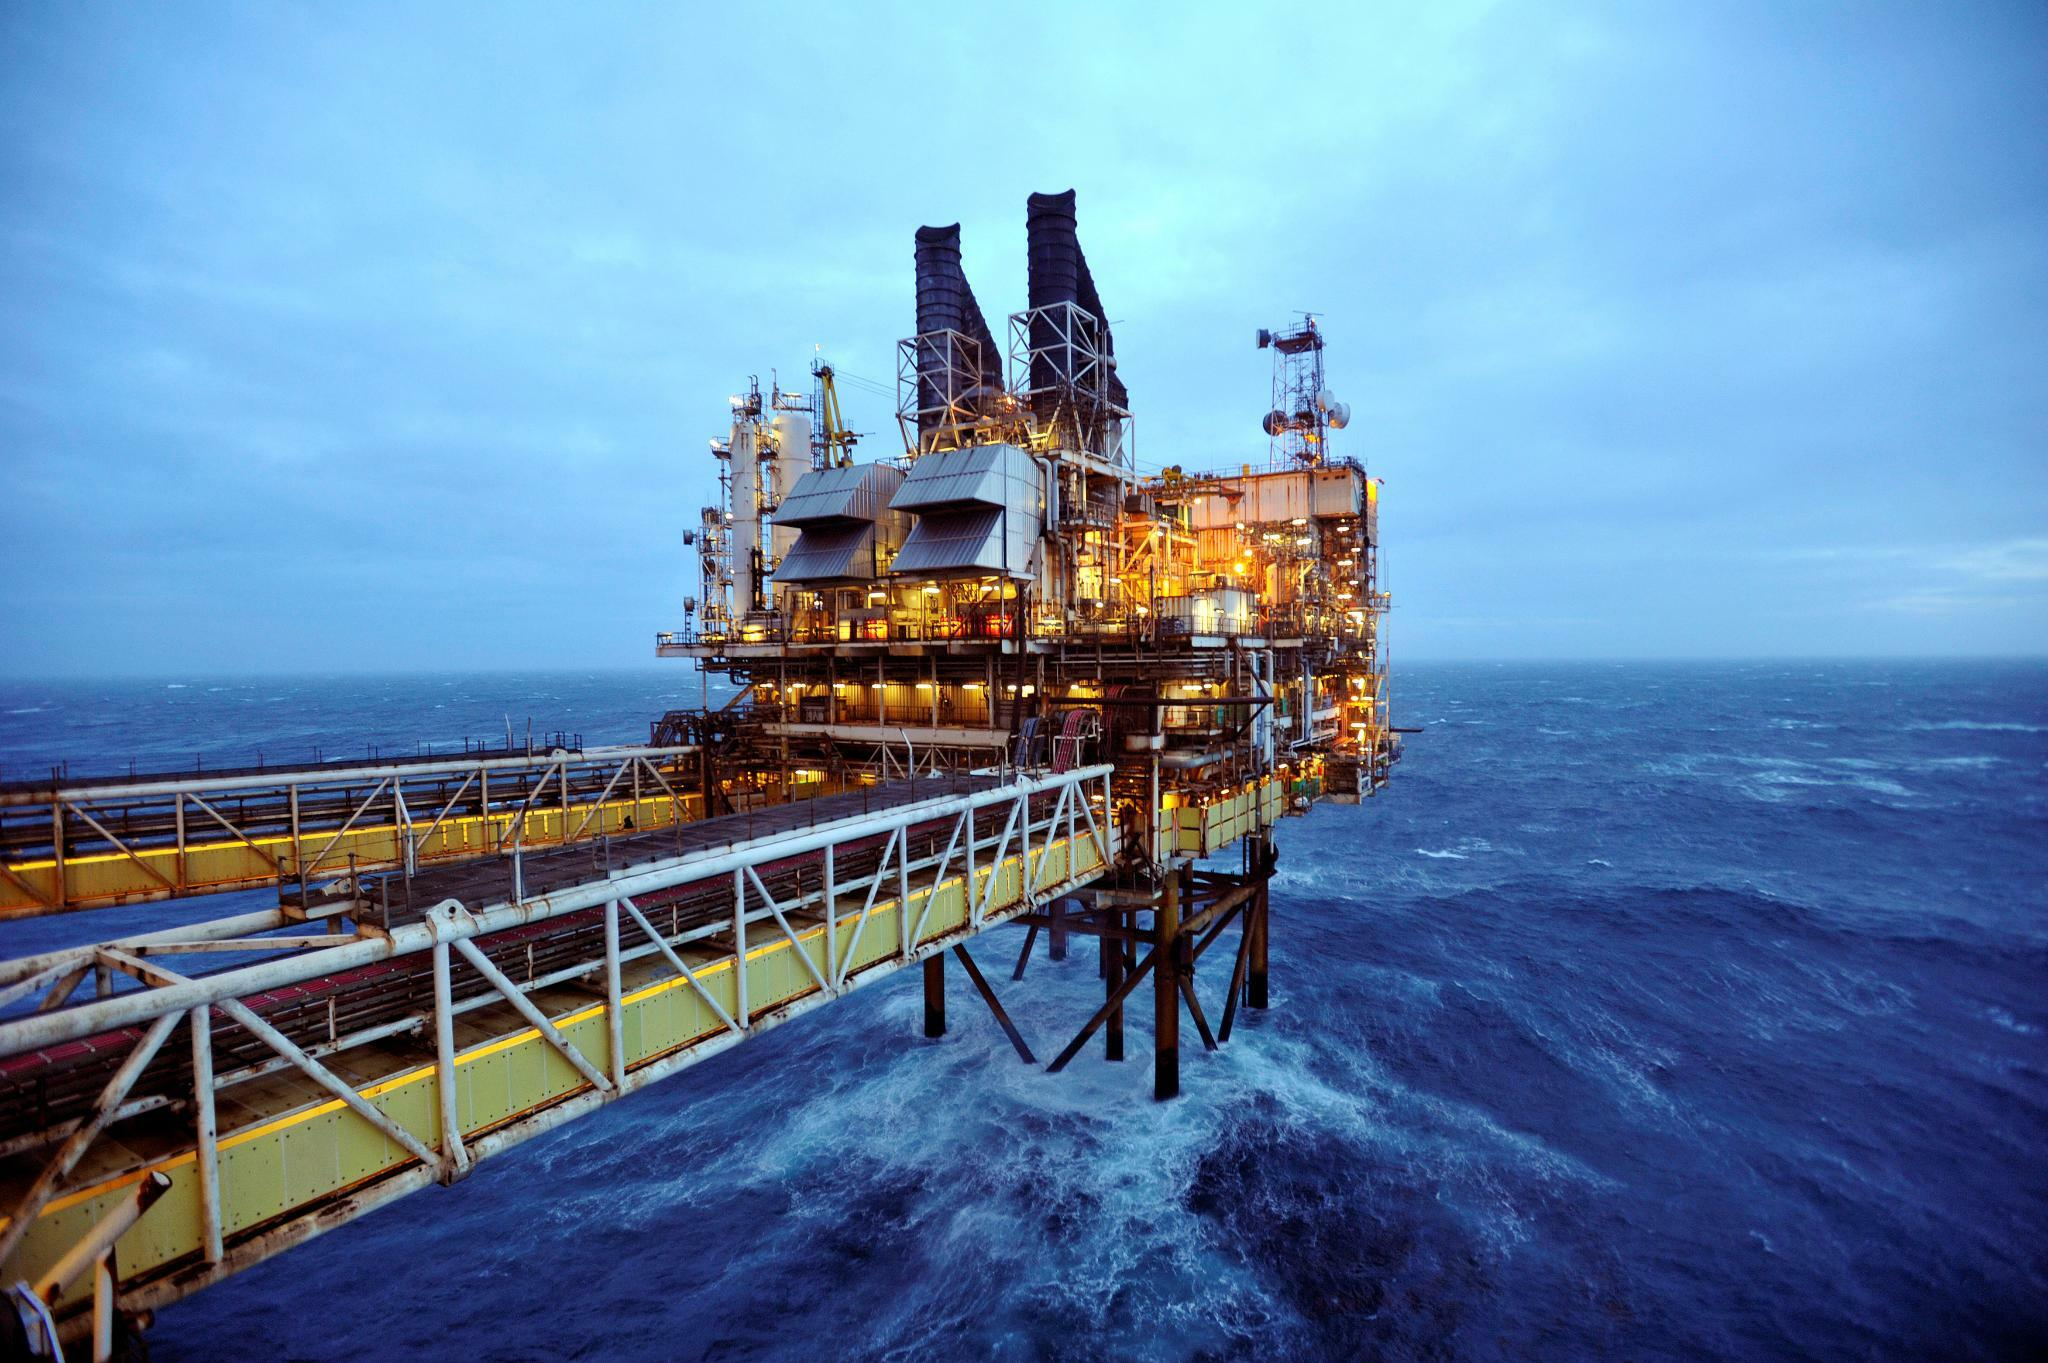 Bohrinseln: Die Milliarden-Herausforderung in der Nordsee